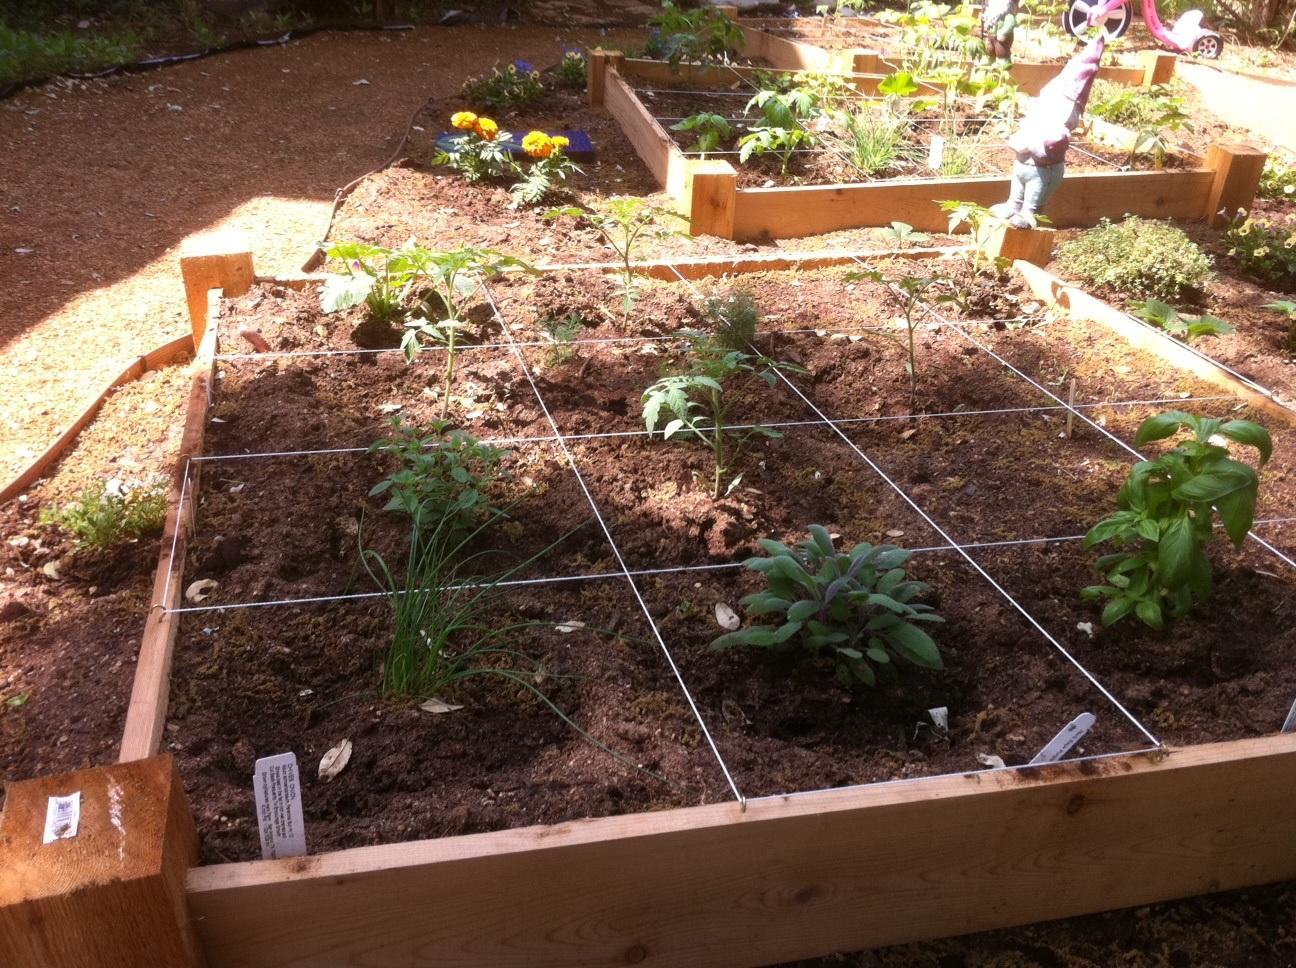 10 Small Vegetable Garden Ideas - A Green Hand